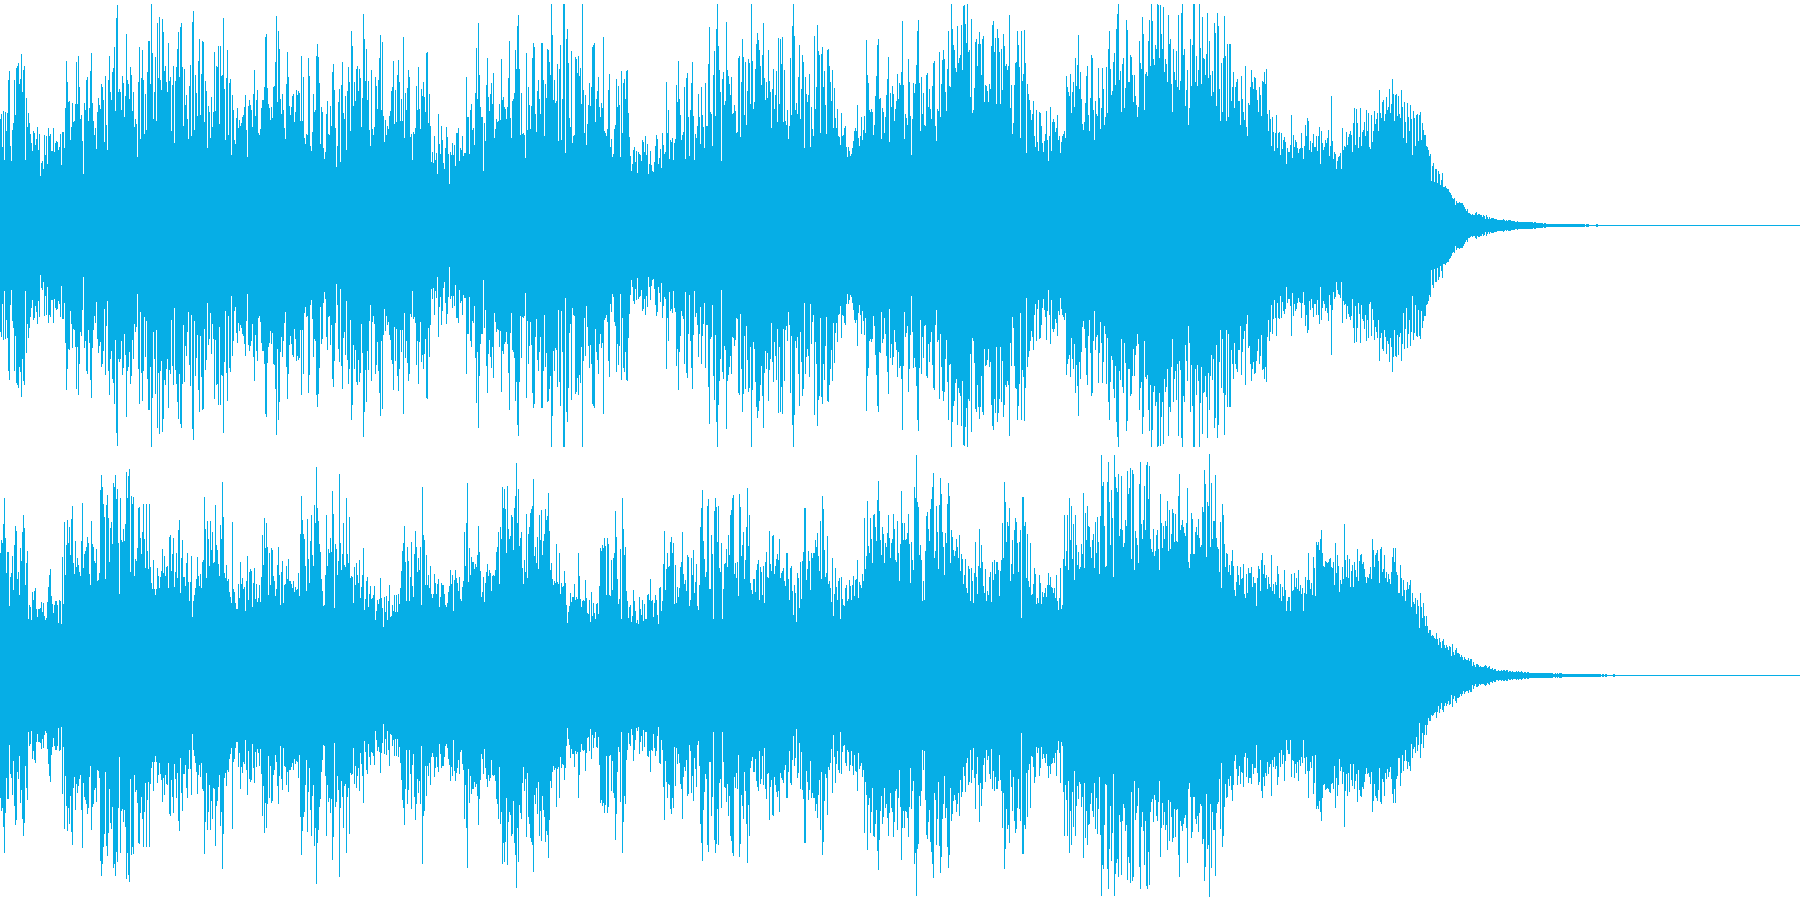 宇宙、近未来をイメージしたCM曲の再生済みの波形